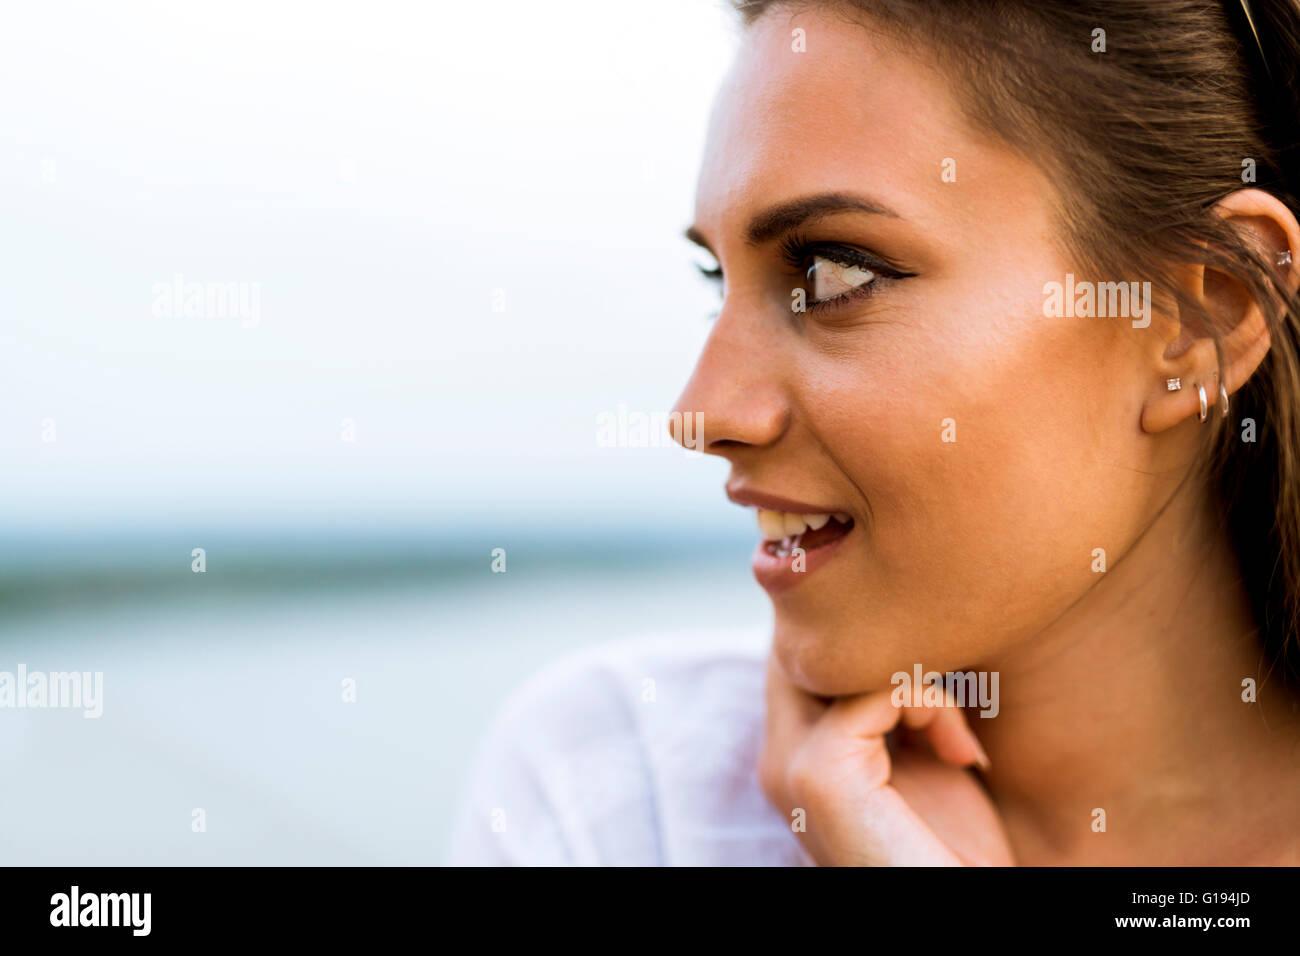 Joven hermosa foto de perfil y un stand de moda Imagen De Stock